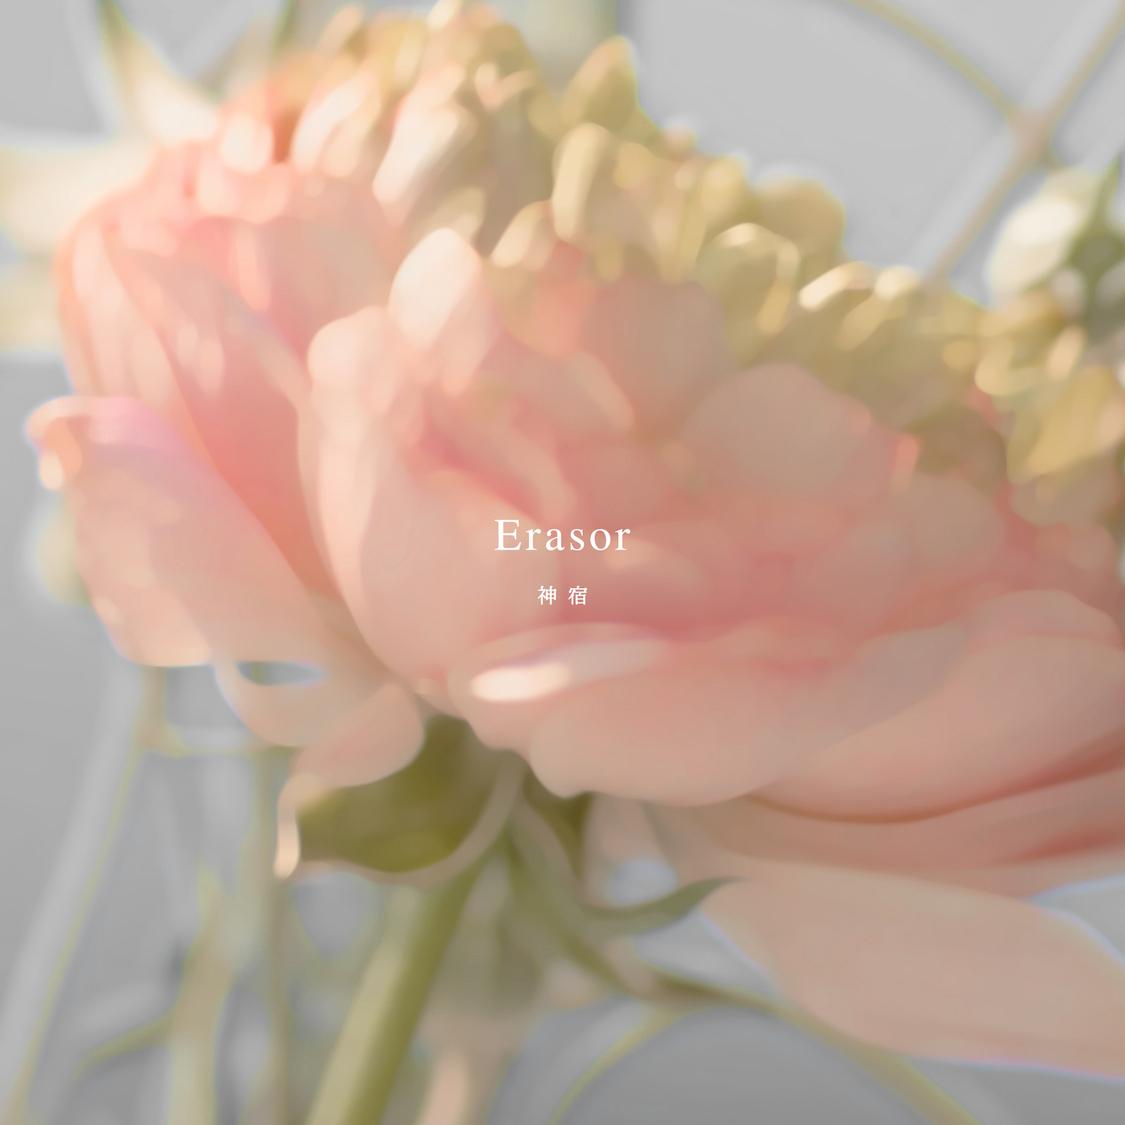 神宿、グループ初のユニット曲「Erasor」配信リリース決定+8月より全国ツアー開催予定